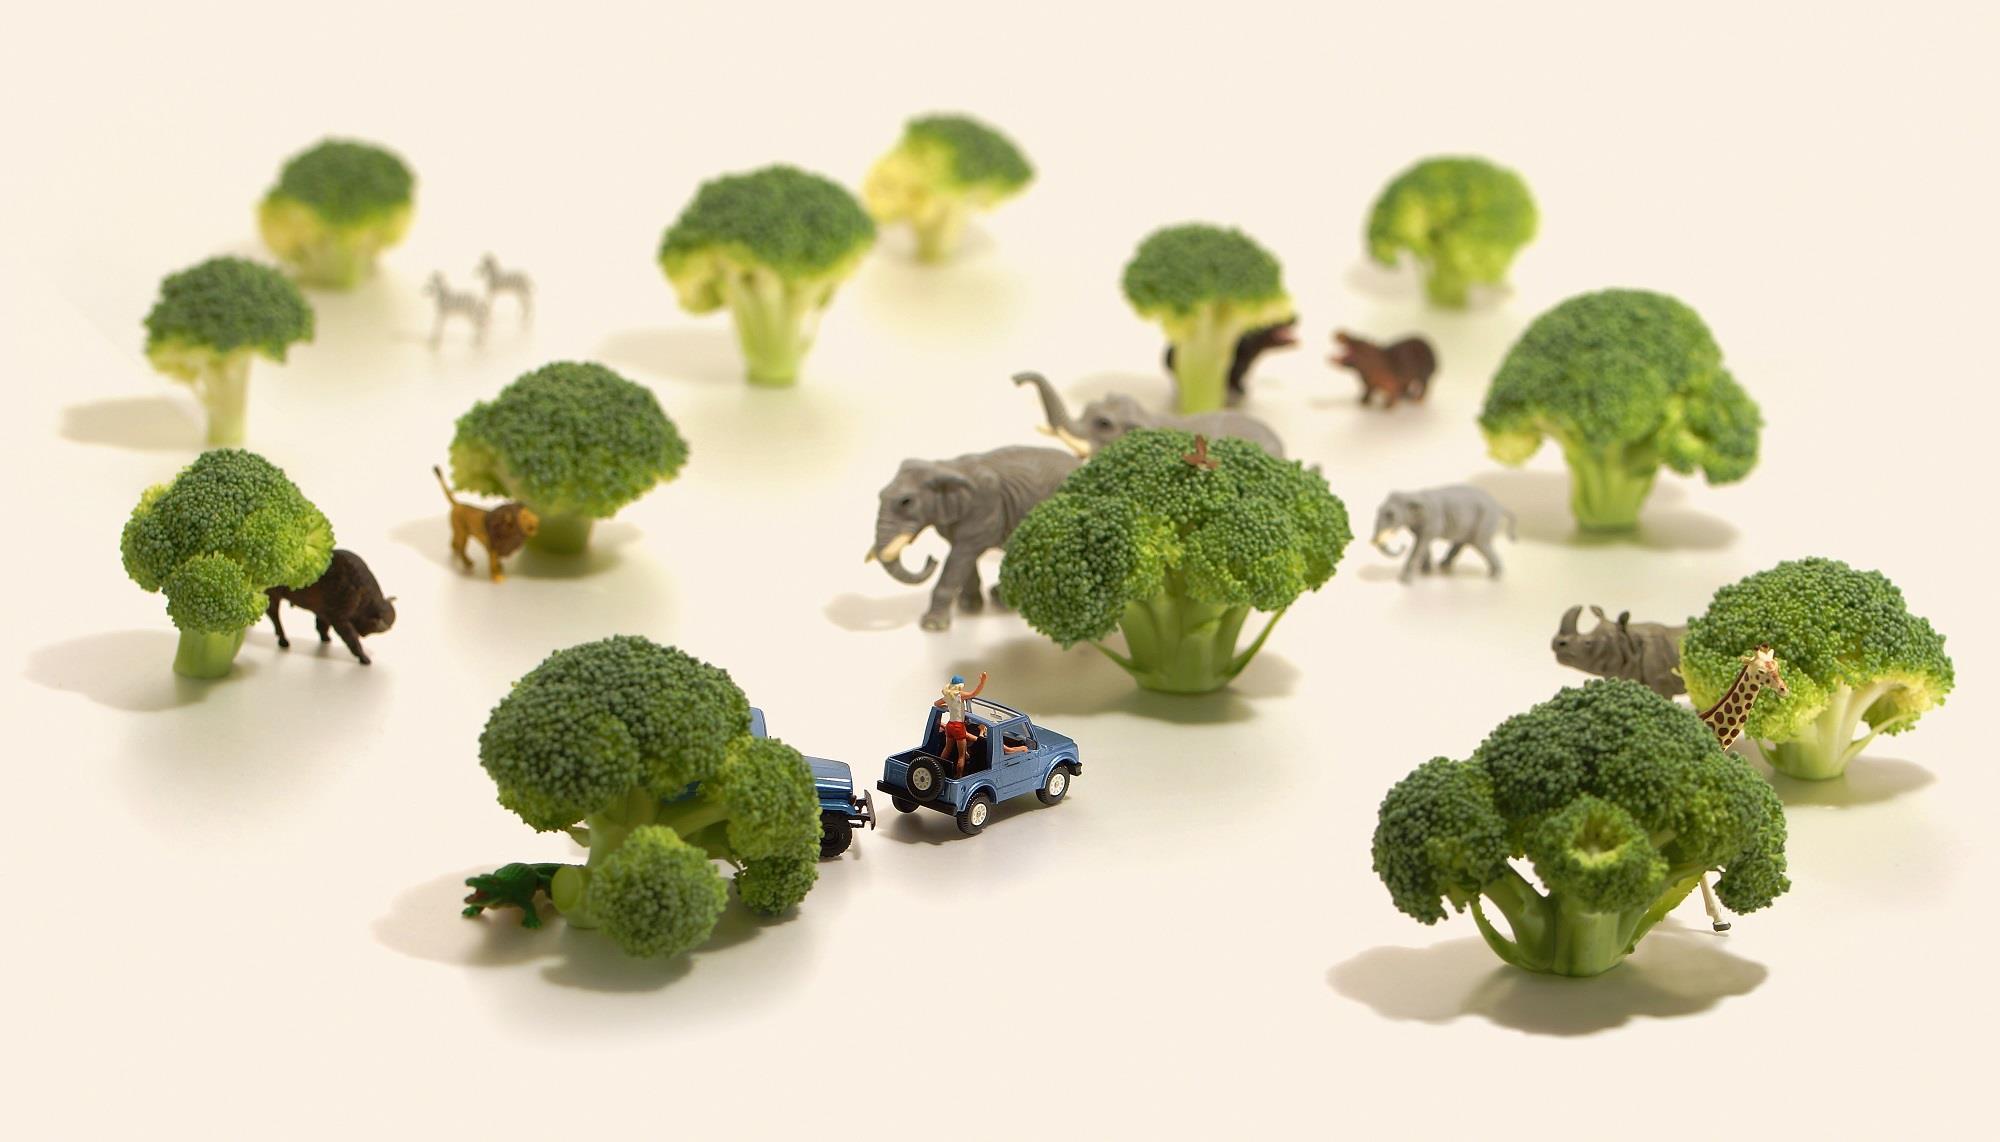 文青就是腳勤:到花椰菜森林冒險吧!田中達也的奇幻微型世界療癒人心   田中達也,當是境界。